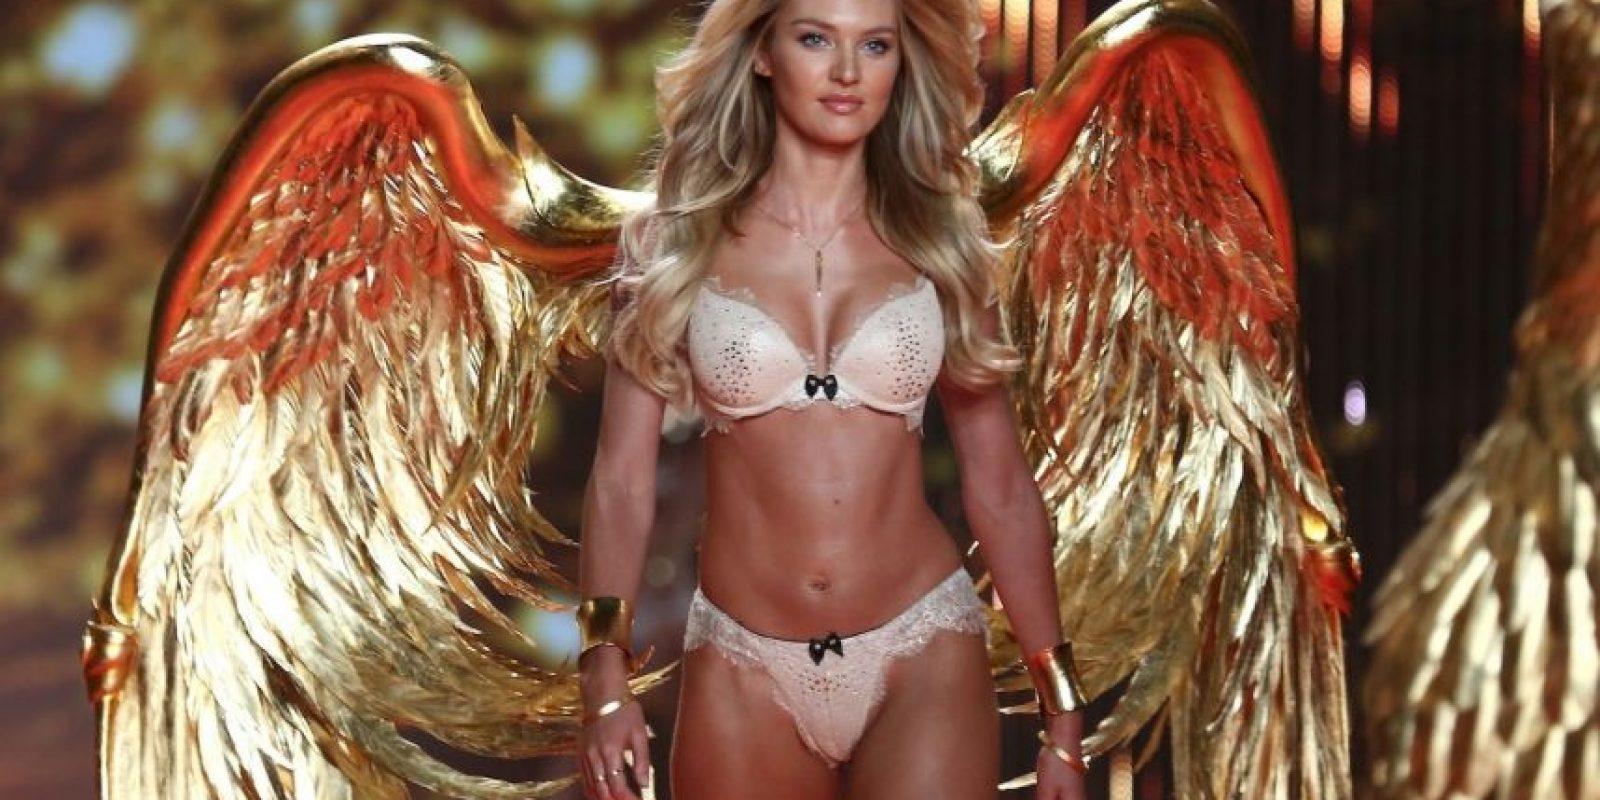 Así es la rutina de Candice Swanepoel para tener la figura de un ángel de Victoria's Secret. Foto:Getty Images